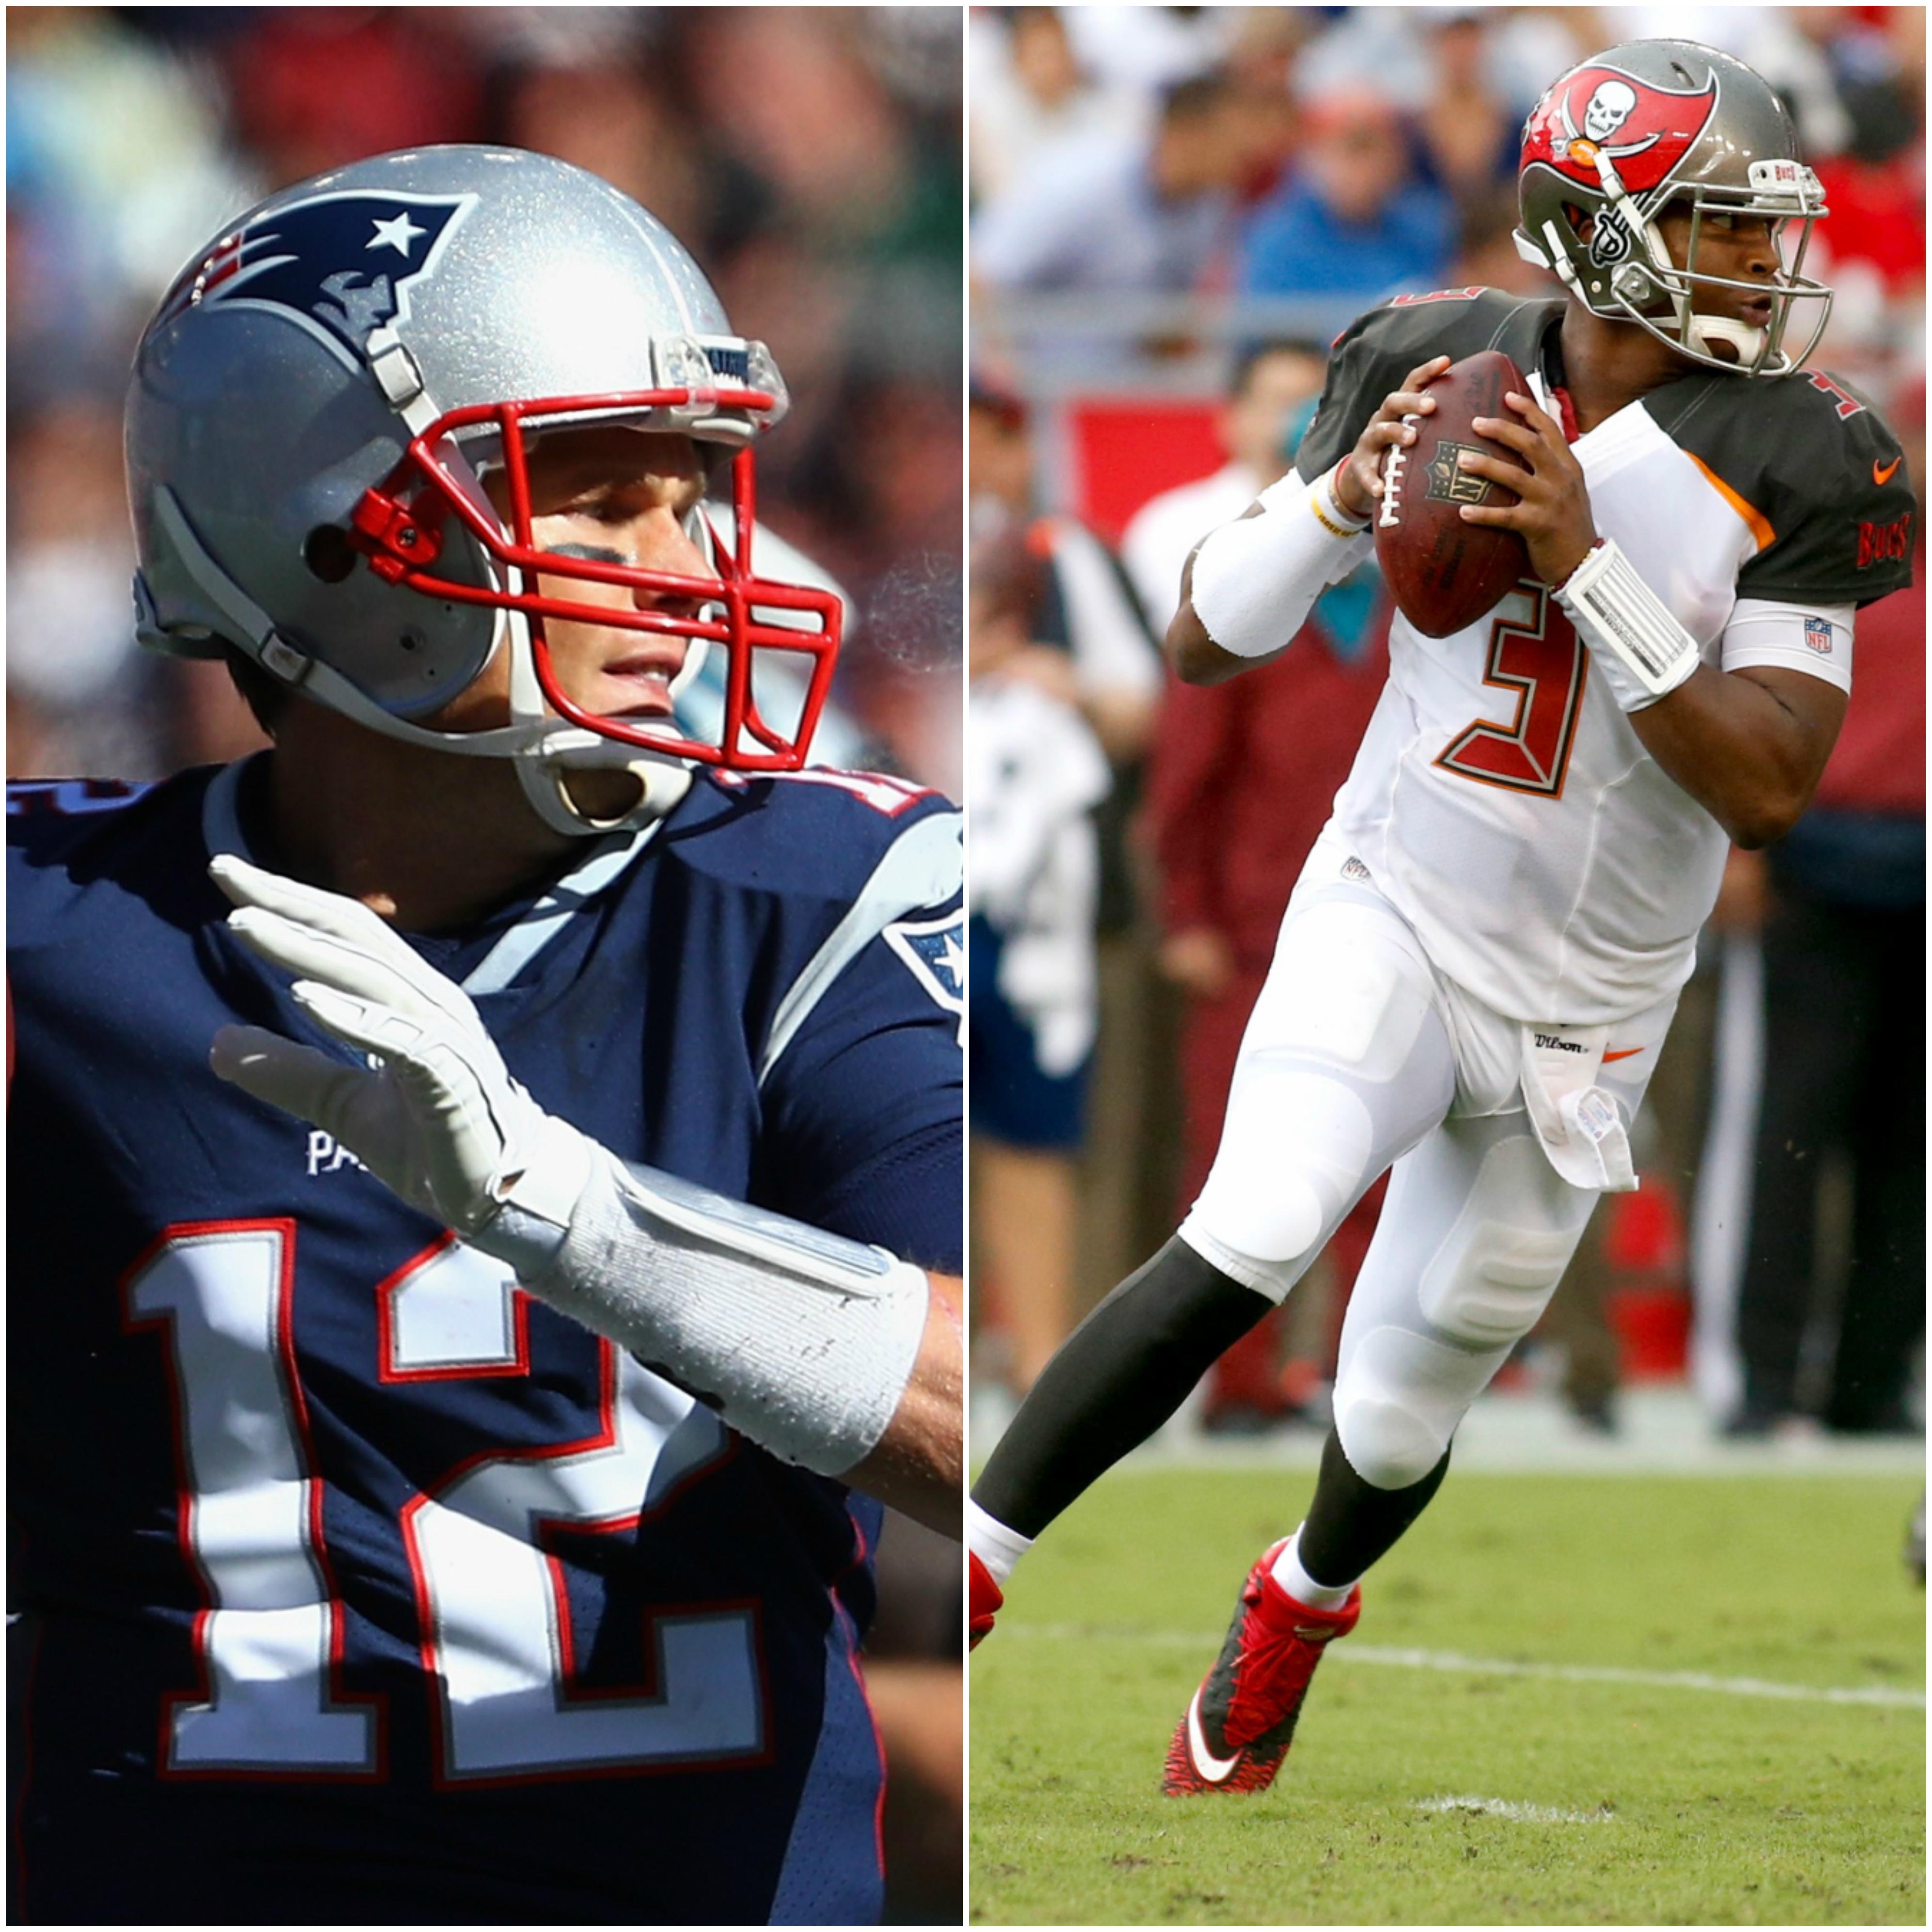 PATRIOTS GAME DAY: Week 5 Patriots @ Buccaneers